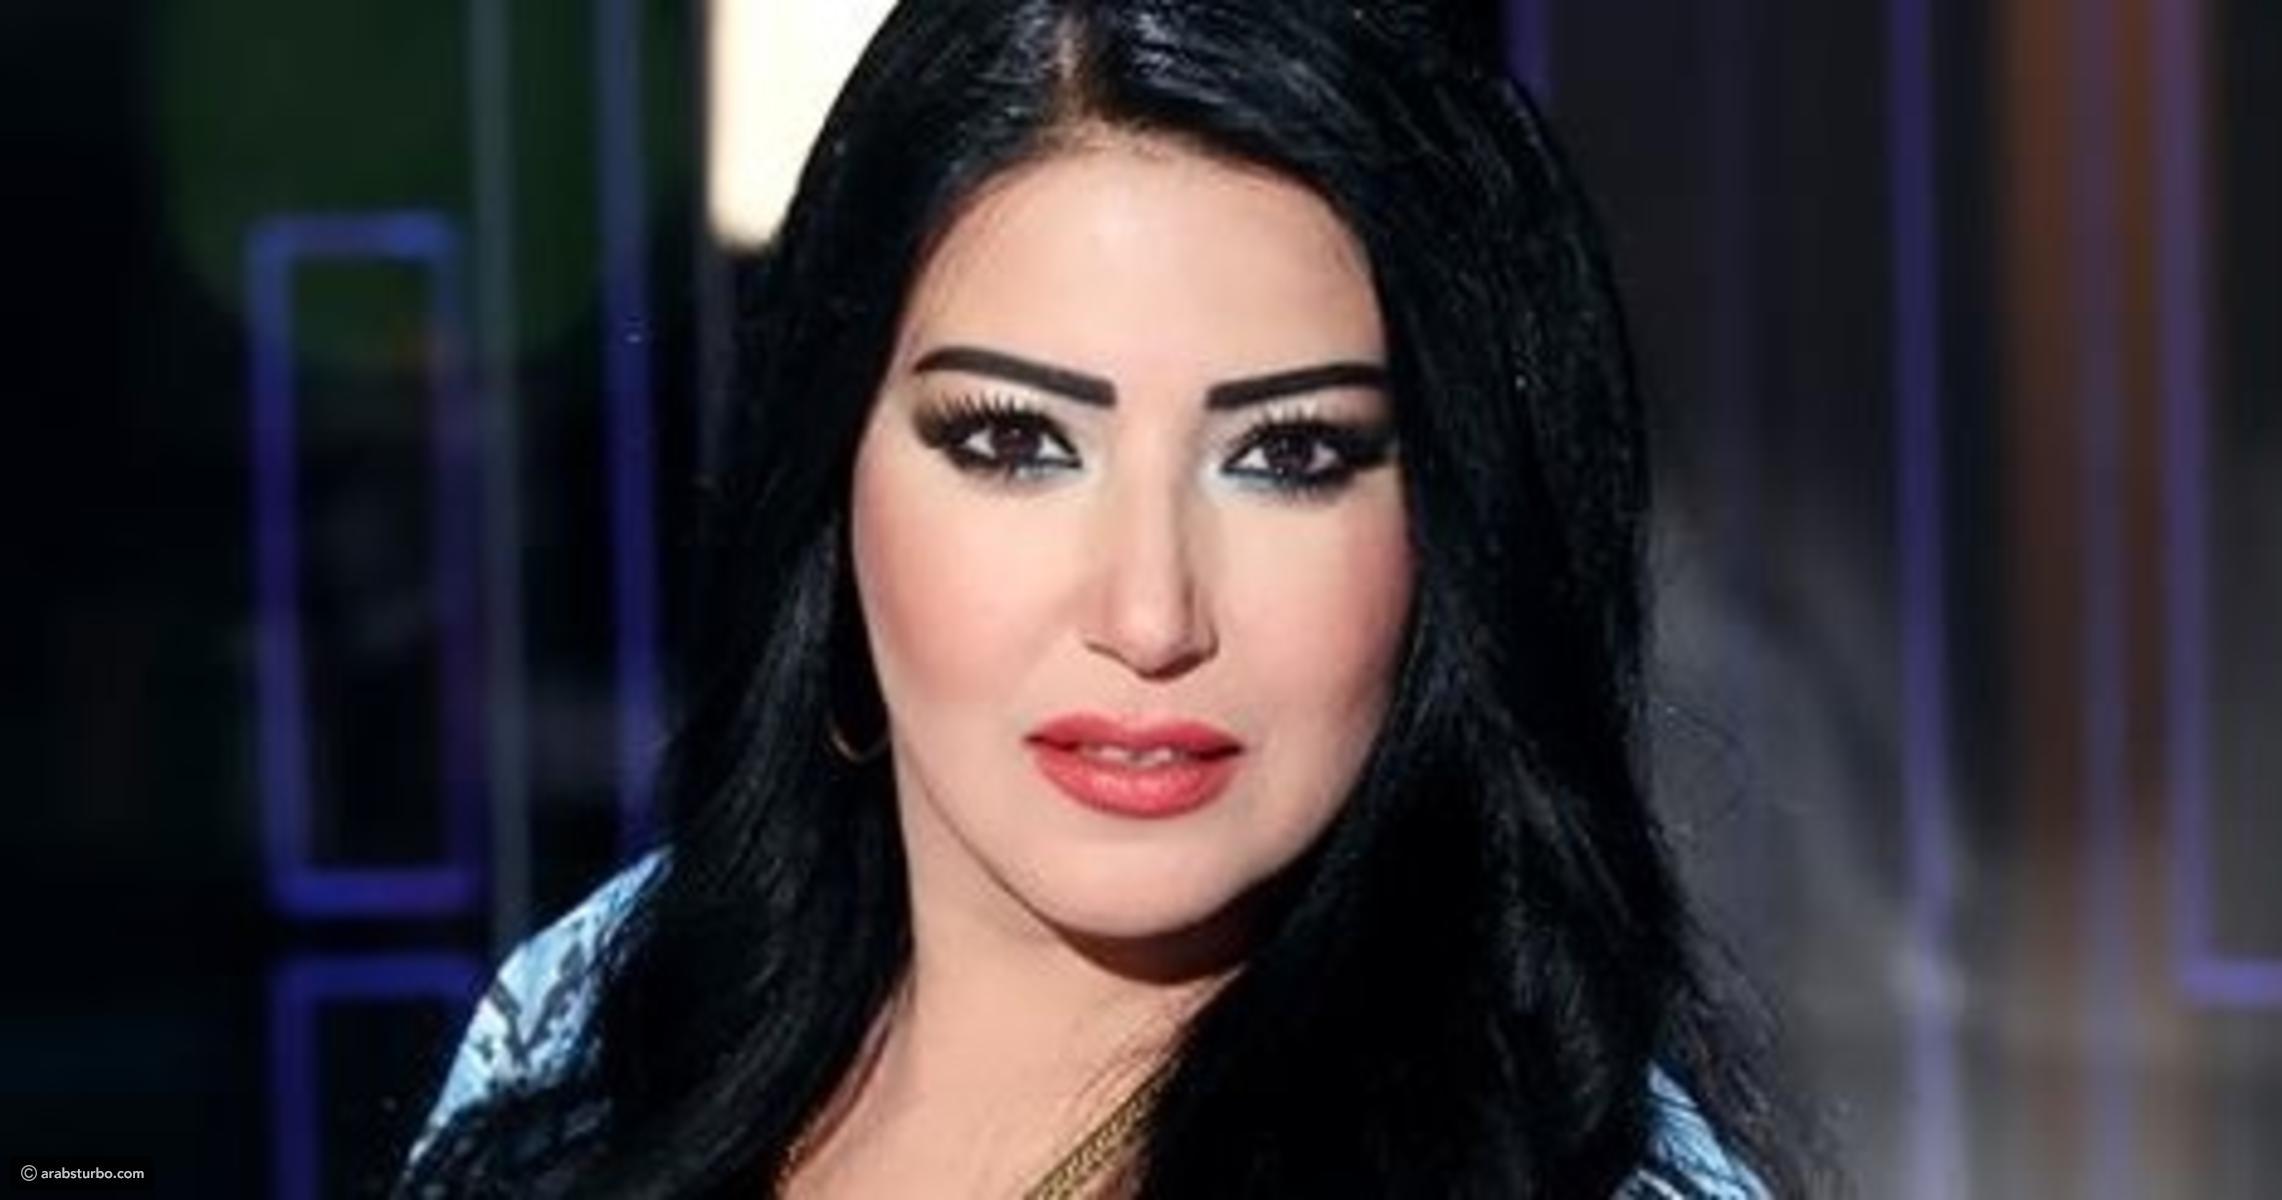 صوره صور فنانات مصريات , اجمل صور للممثلات